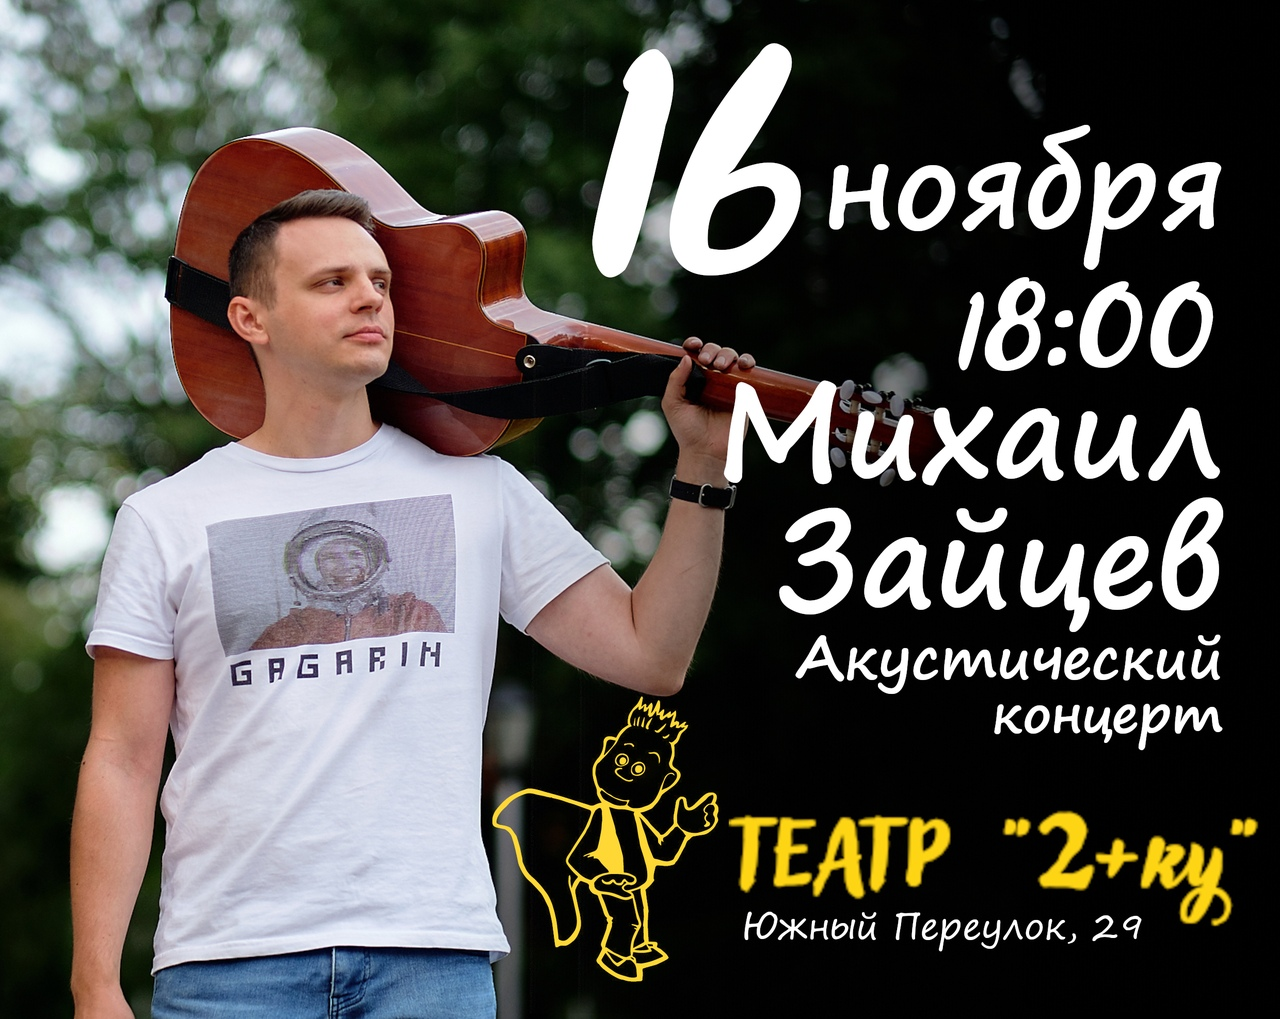 Афиша Новосибирск Михаил Зайцев/16.11/2+ку/Томск